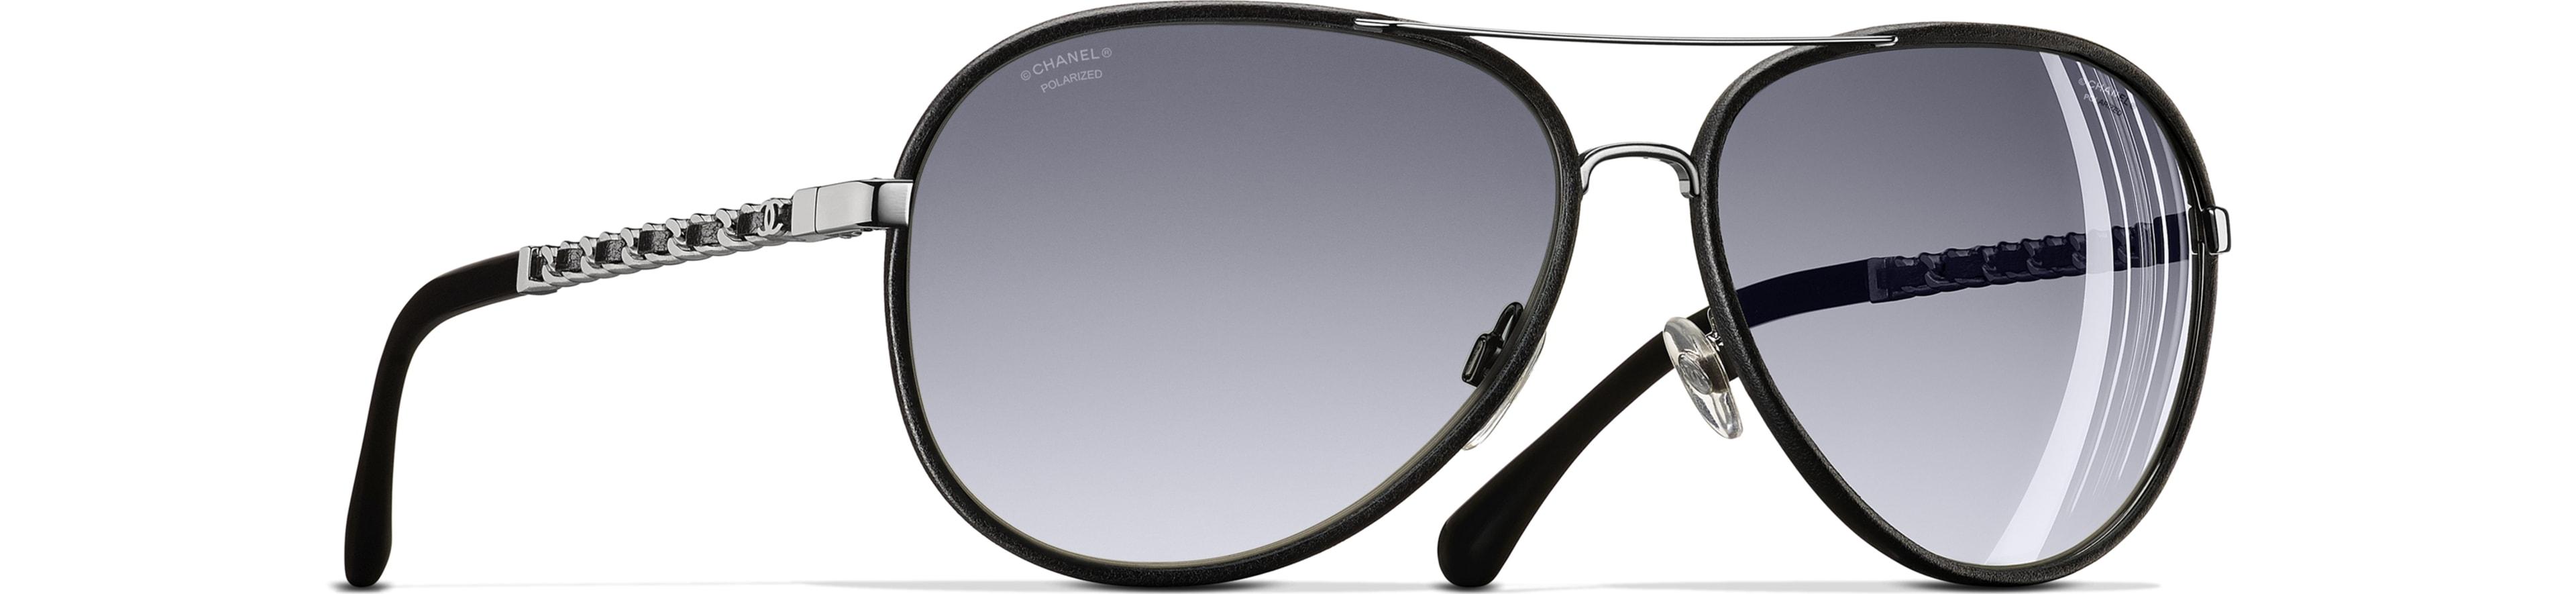 Metal & Calfskin - Polarized Lenses black frame. Gray gradient lenses